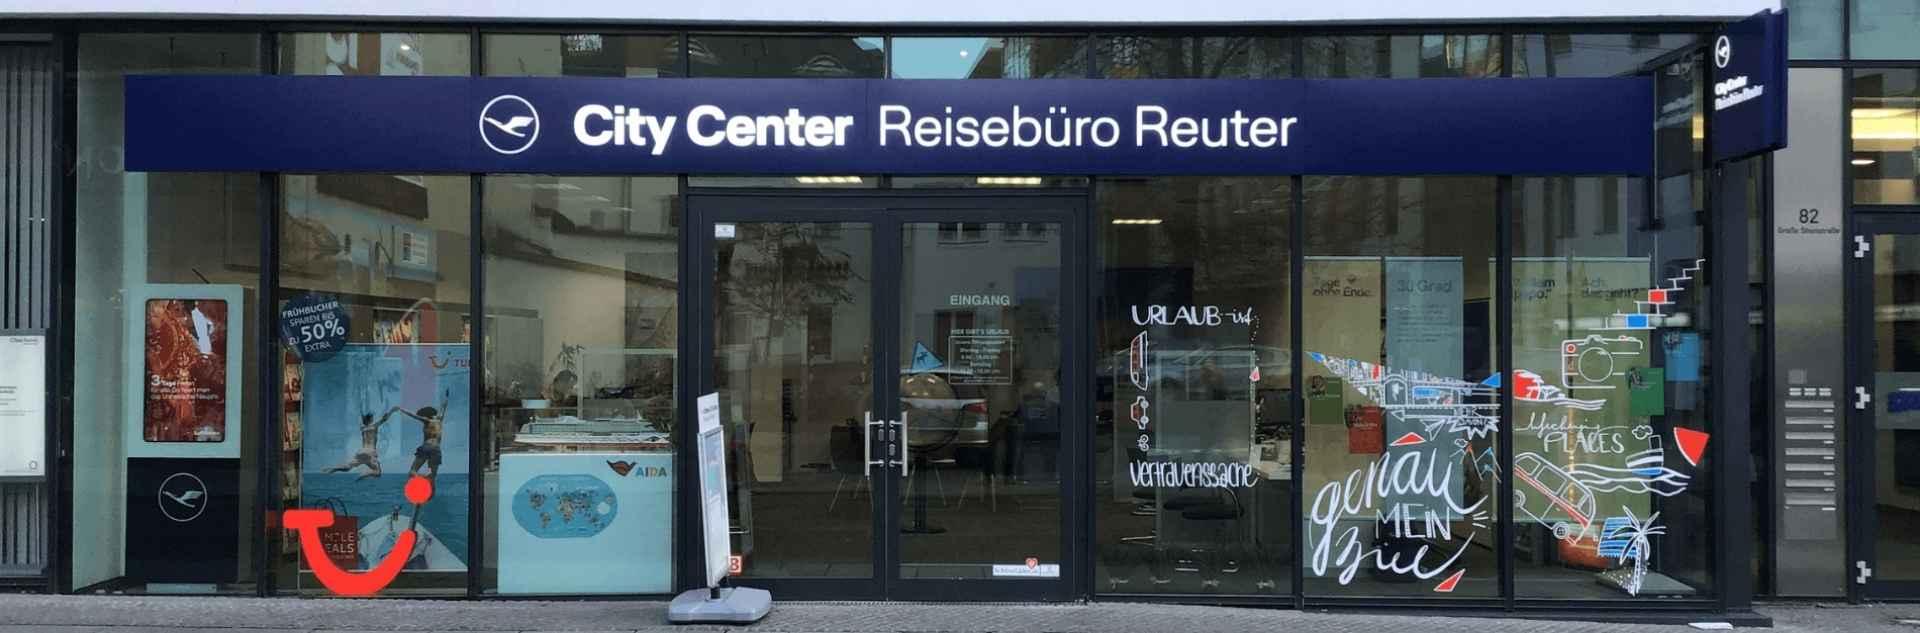 Reisebüro Reuter Halle Außenansicht